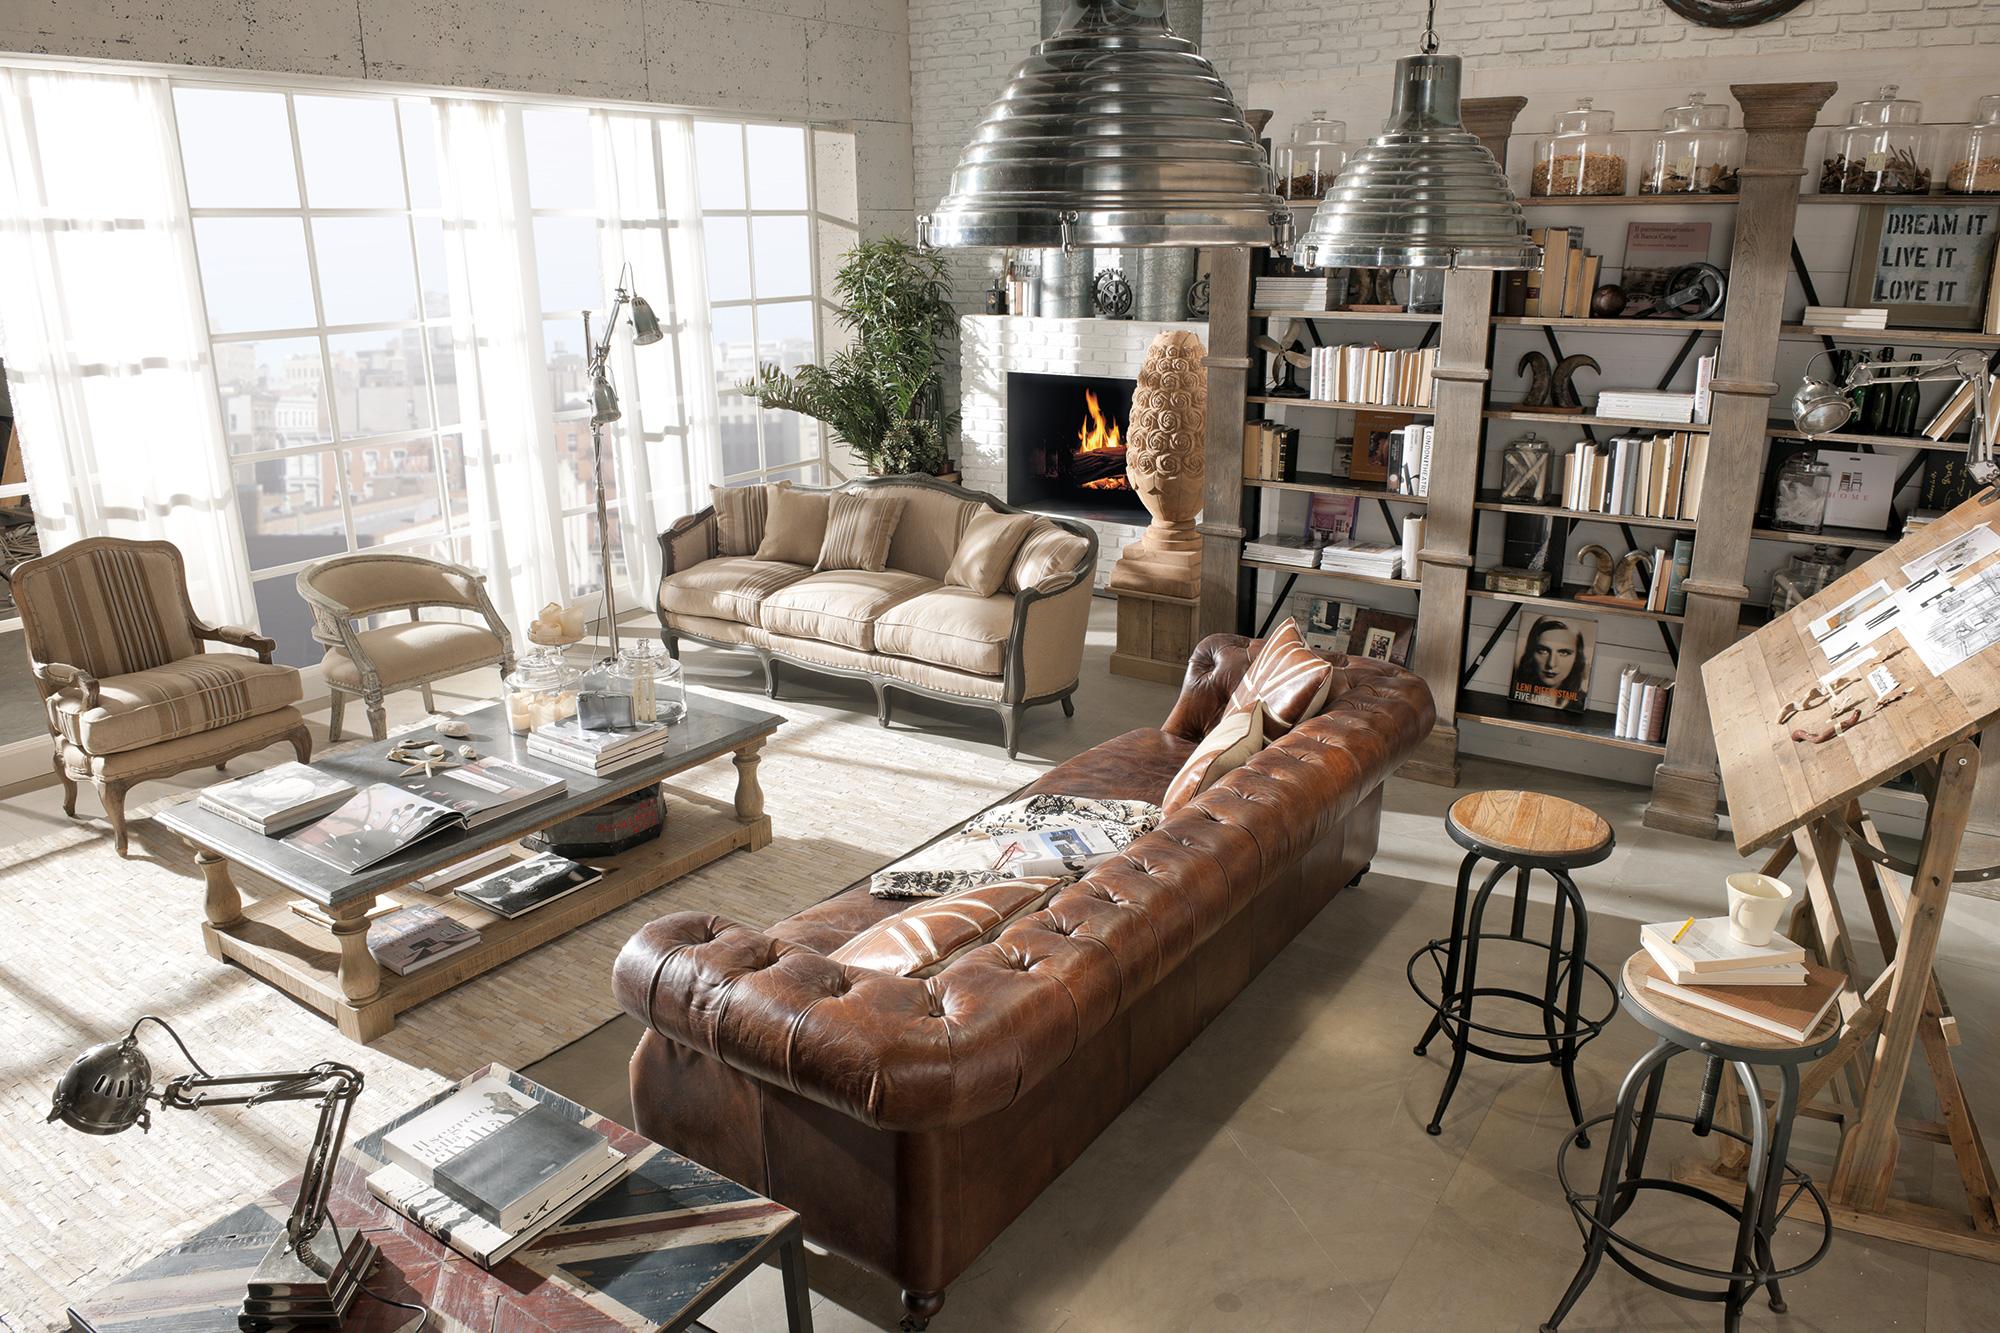 Arredamento country vintage industrial loft urban shabby chic - Idee Di Arredo Mobili E Prodotti Di Design